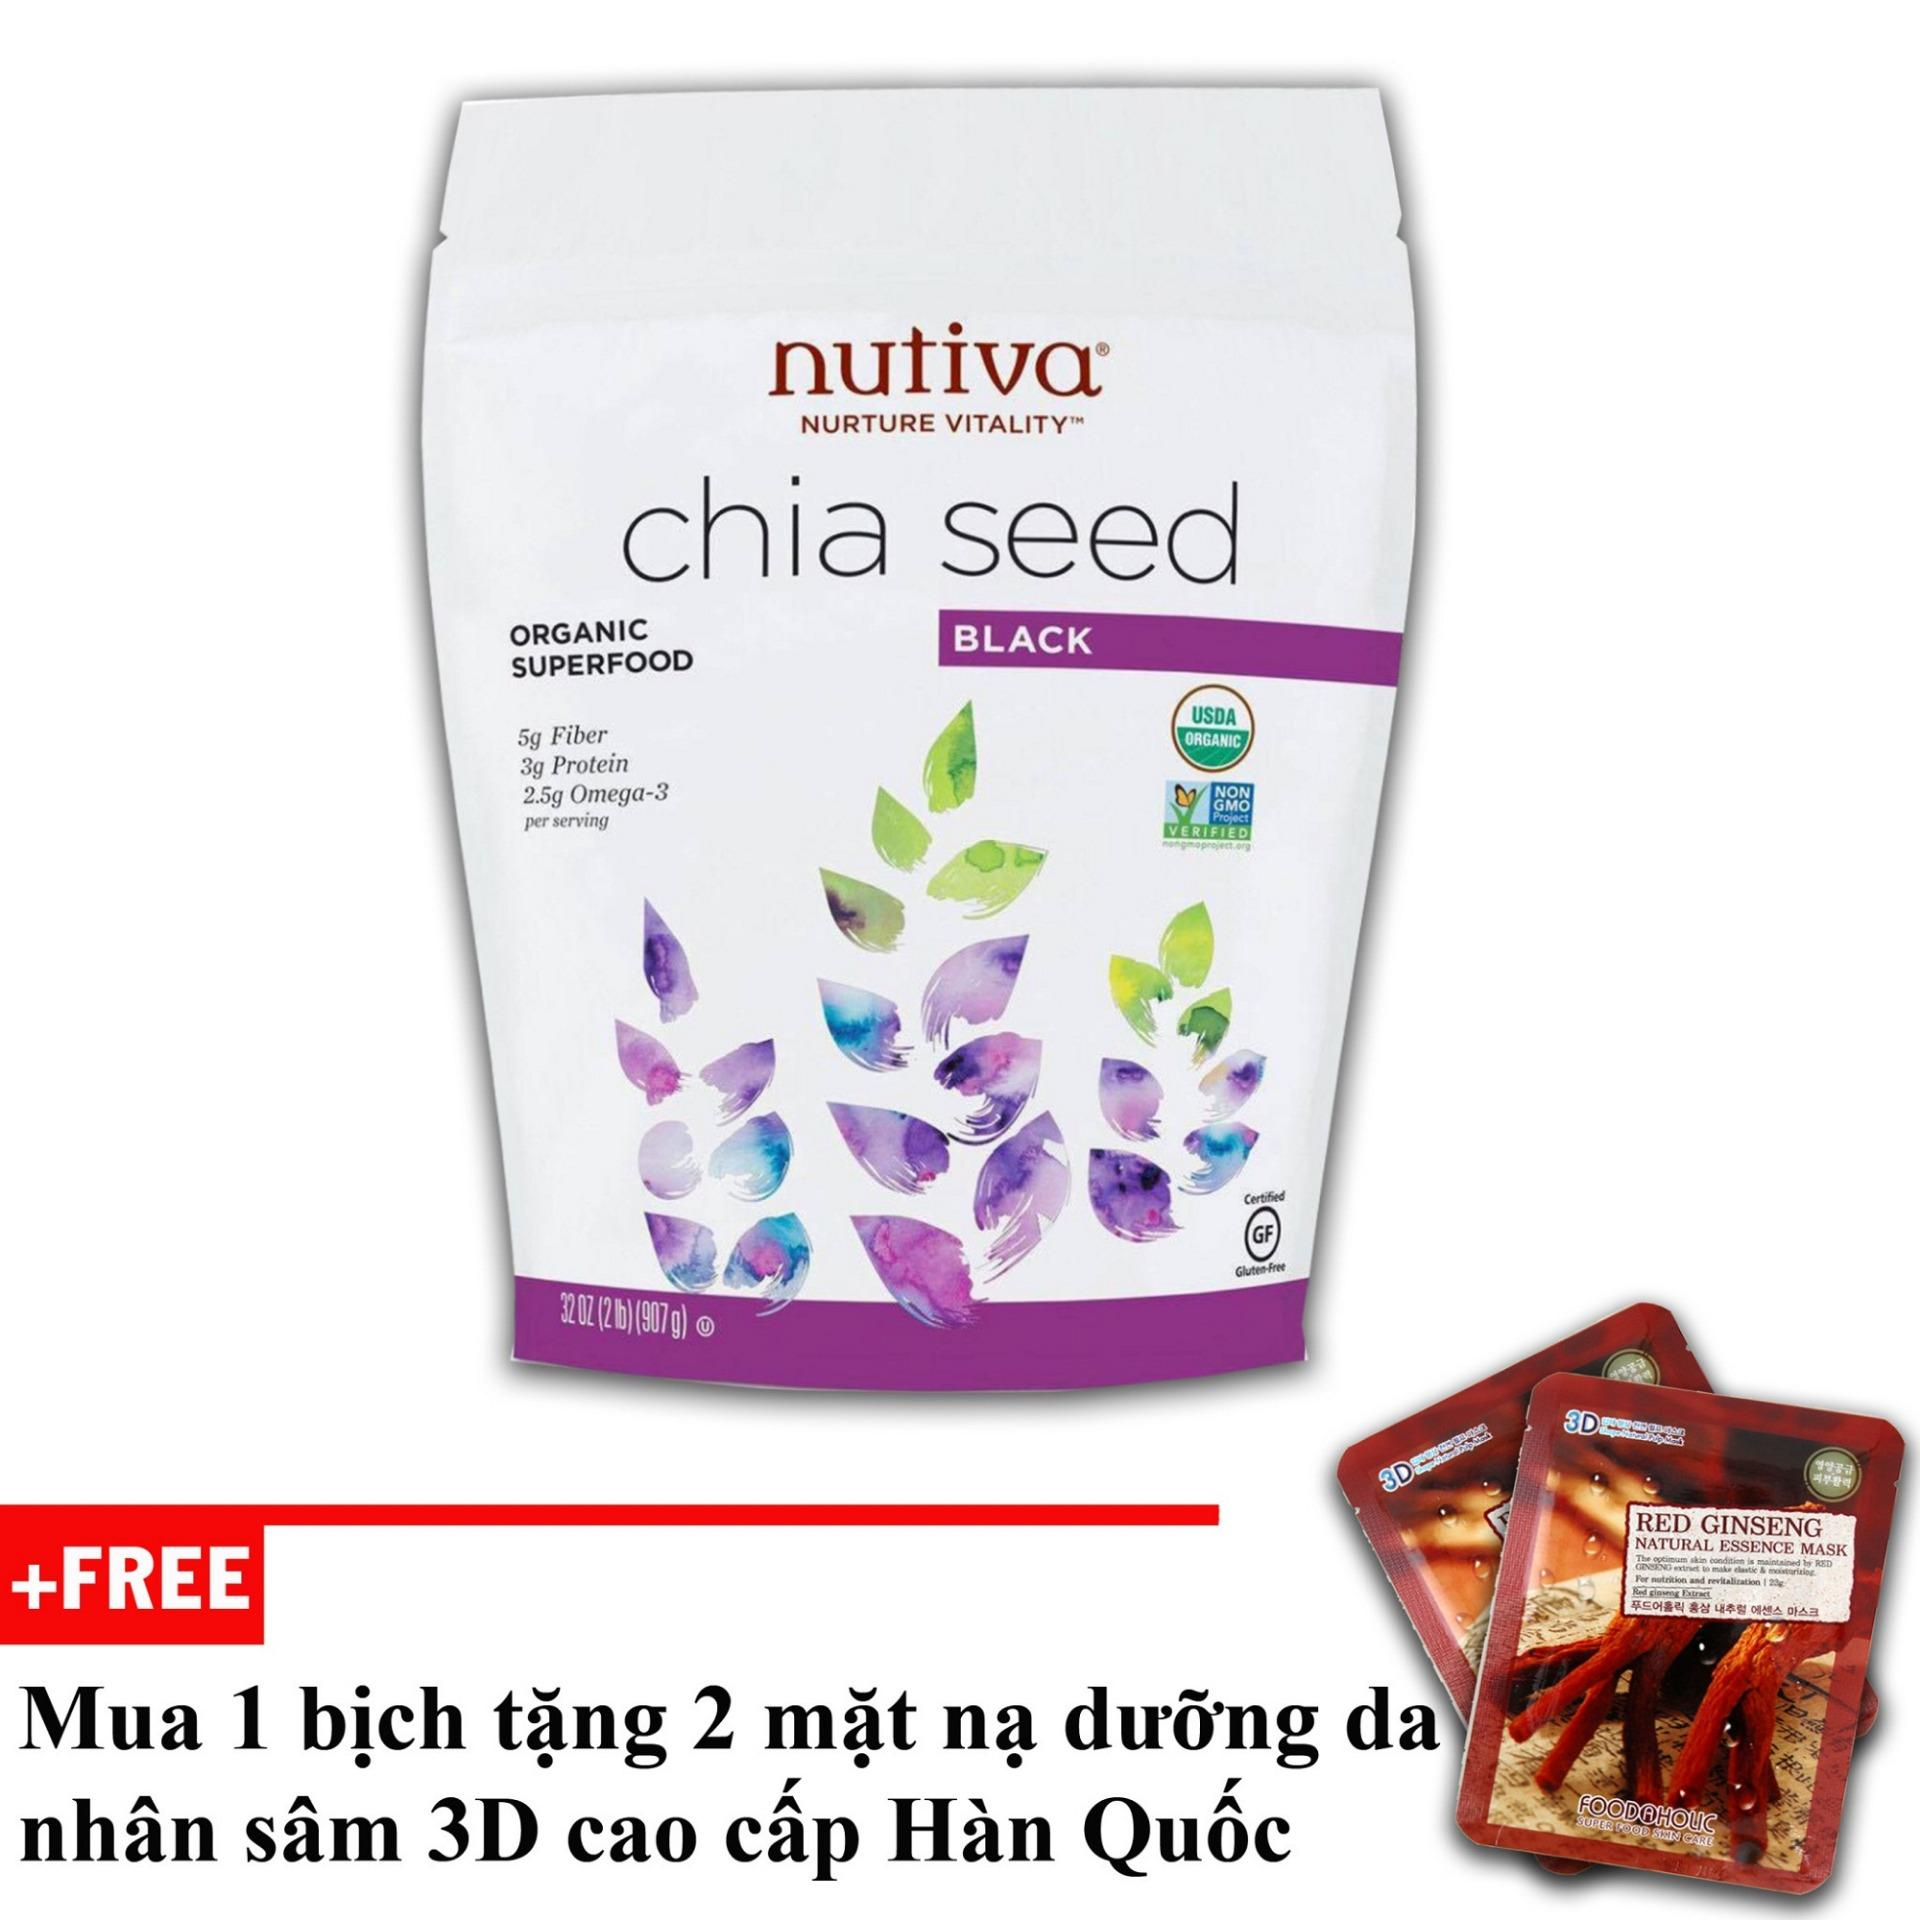 Hạt Chia Mỹ Nutiva Chia Seed Black + tặng 2 mặt nạ cao cấp Hàn Quốc [SuPhat Shop]